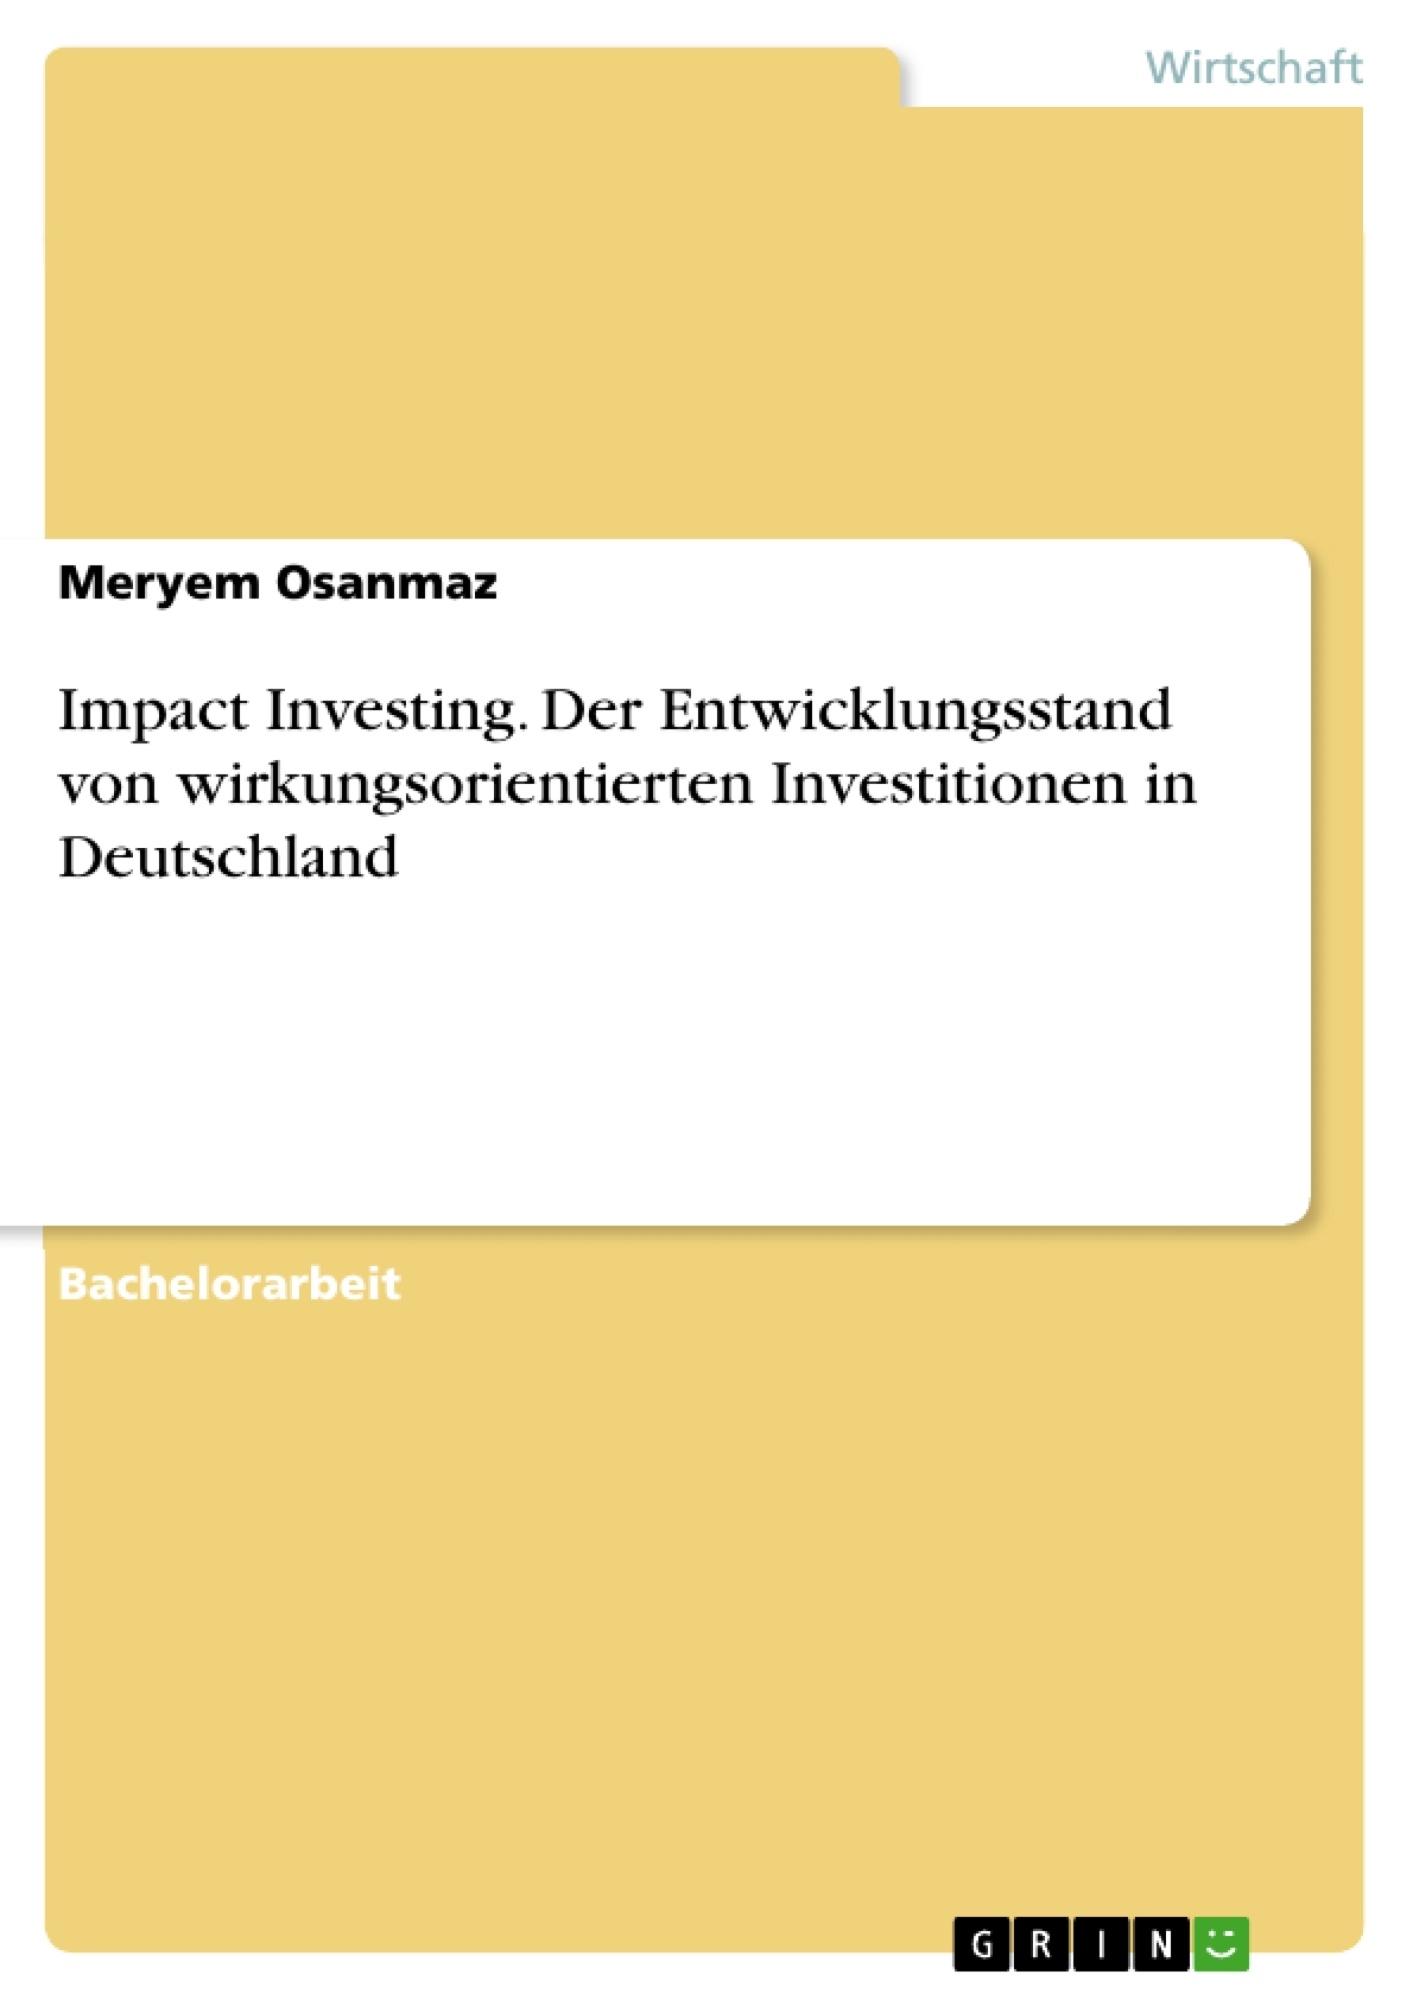 Titel: Impact Investing. Der Entwicklungsstand von wirkungsorientierten Investitionen in Deutschland